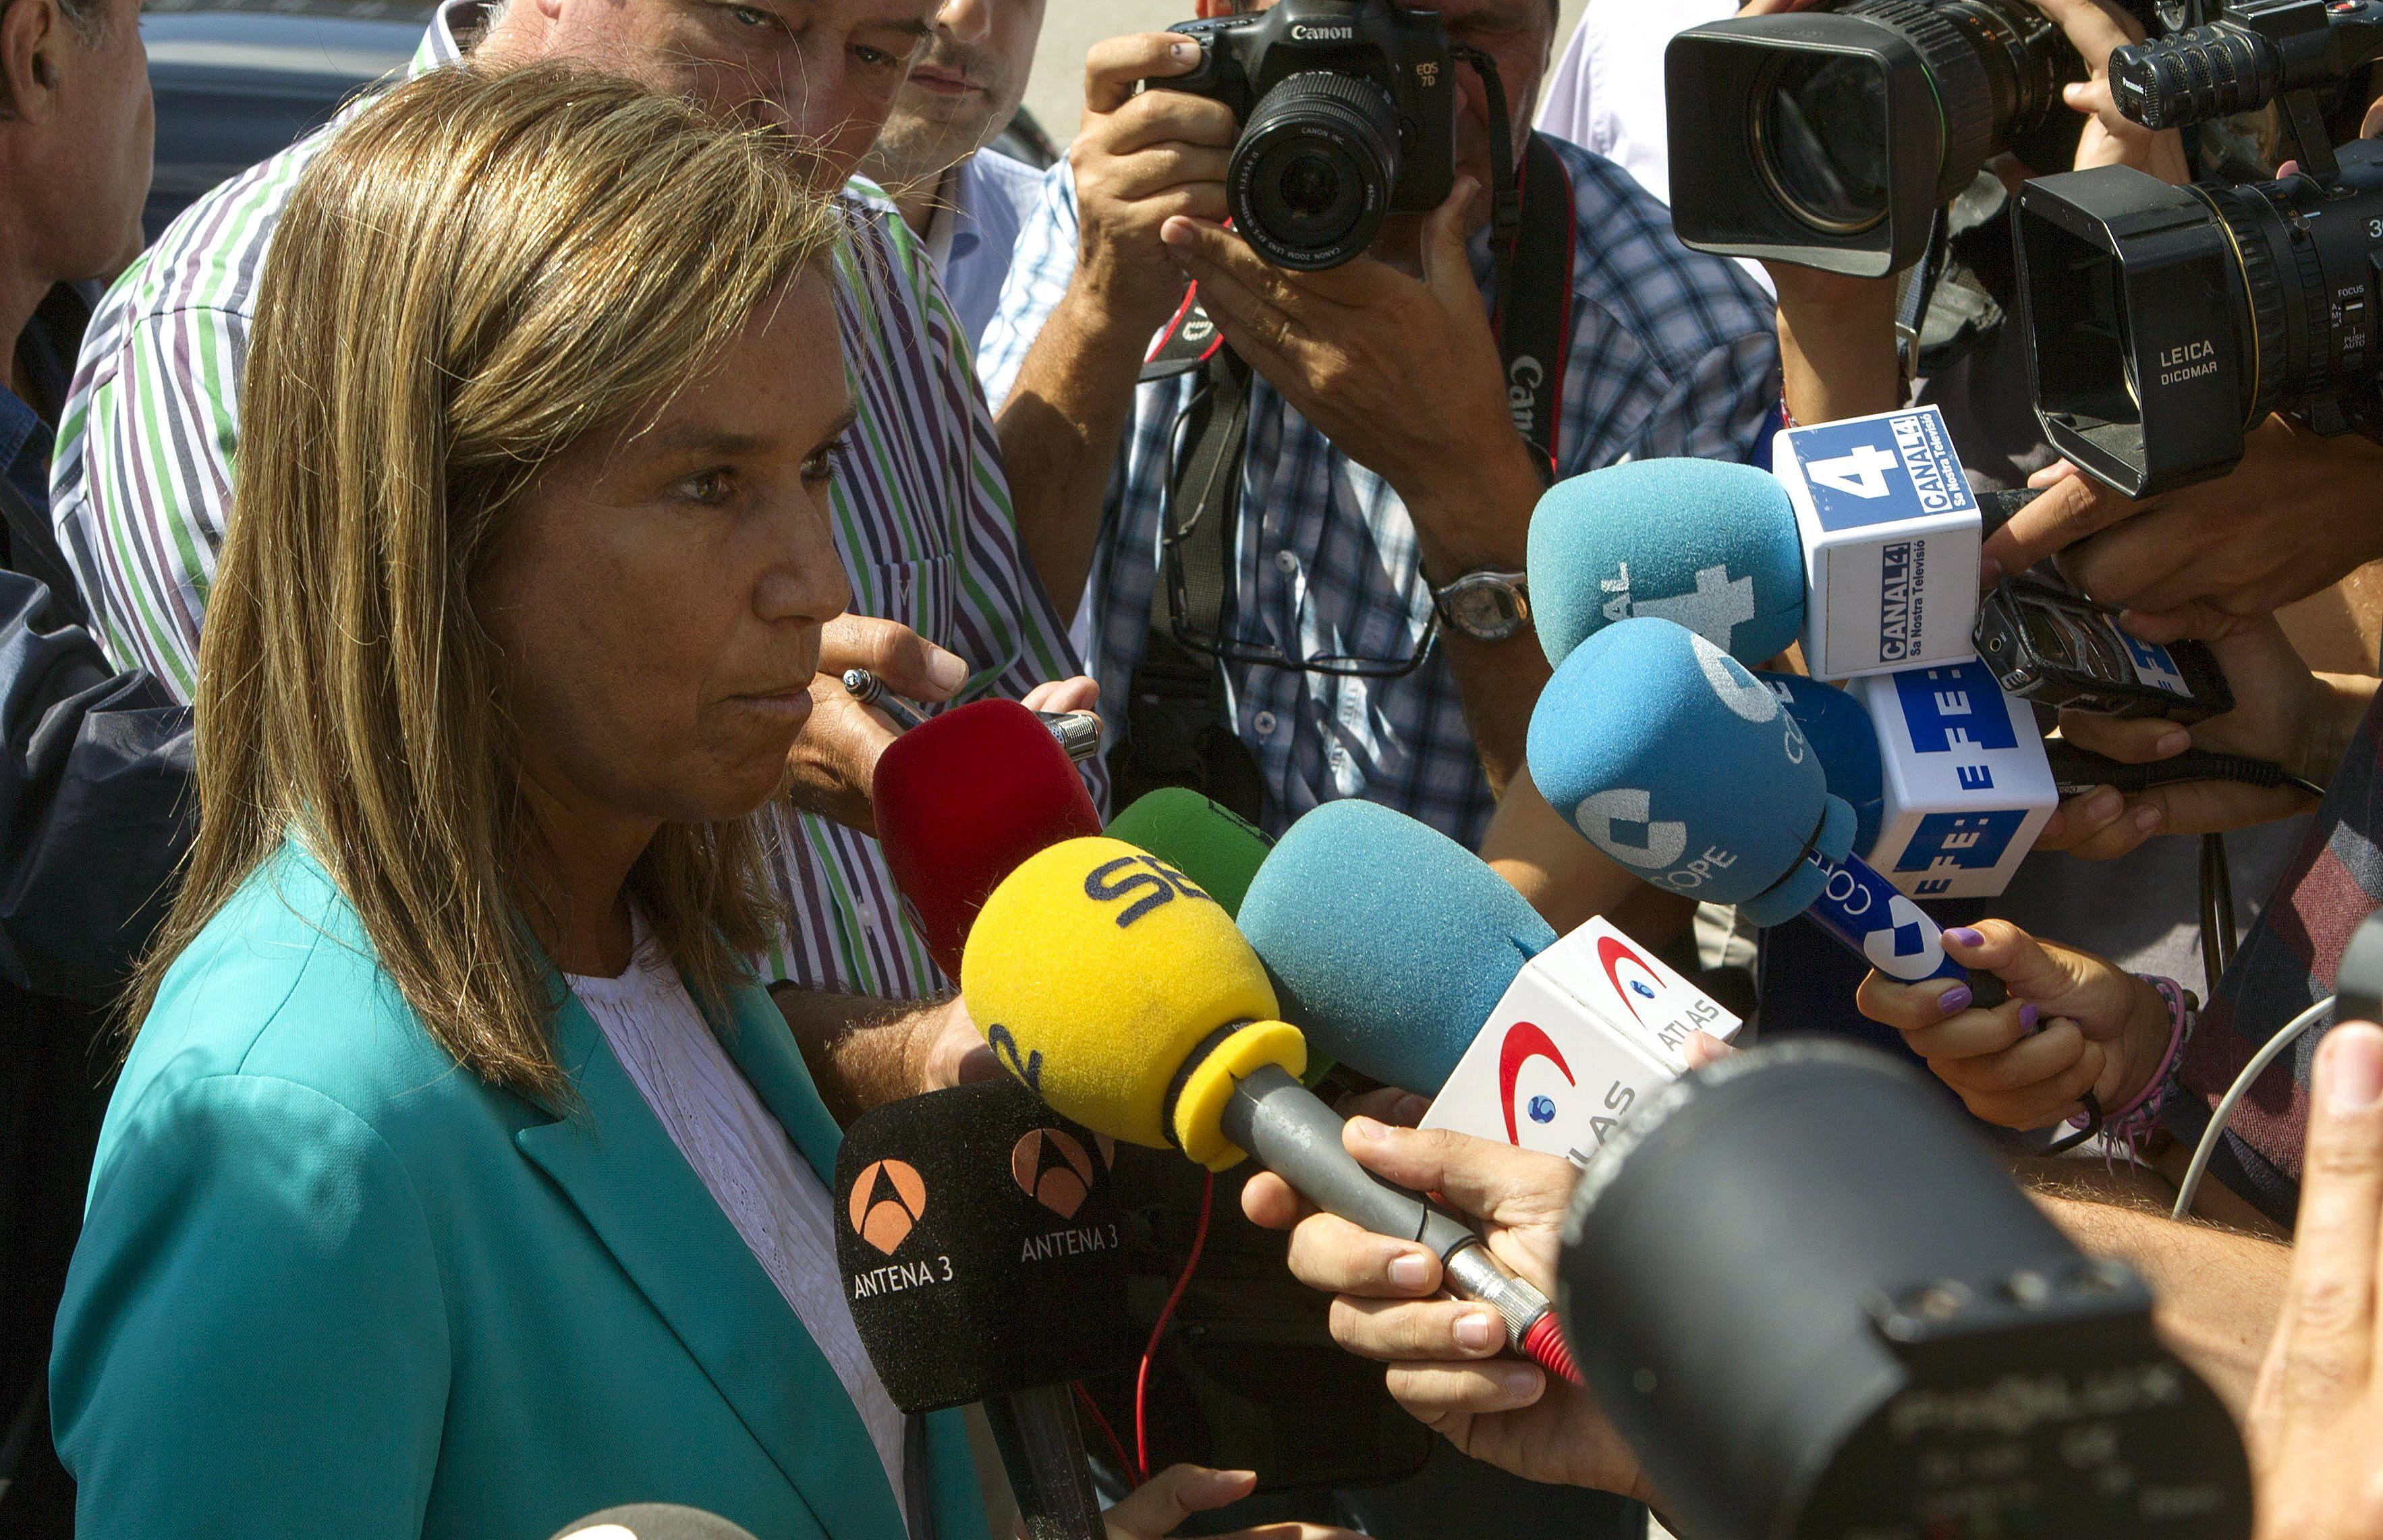 El PSOE planteará esta semana un plan de choque frente a las listas de espera